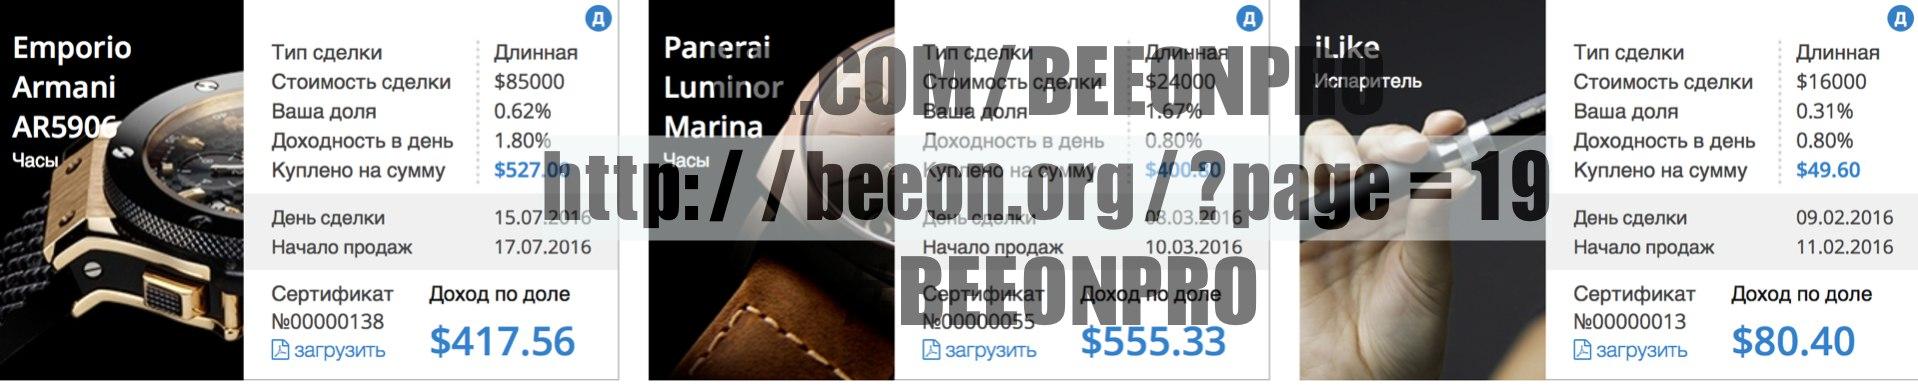 https://pp.vk.me/c637925/v637925825/c16c/wcw3jvq_0Bc.jpg